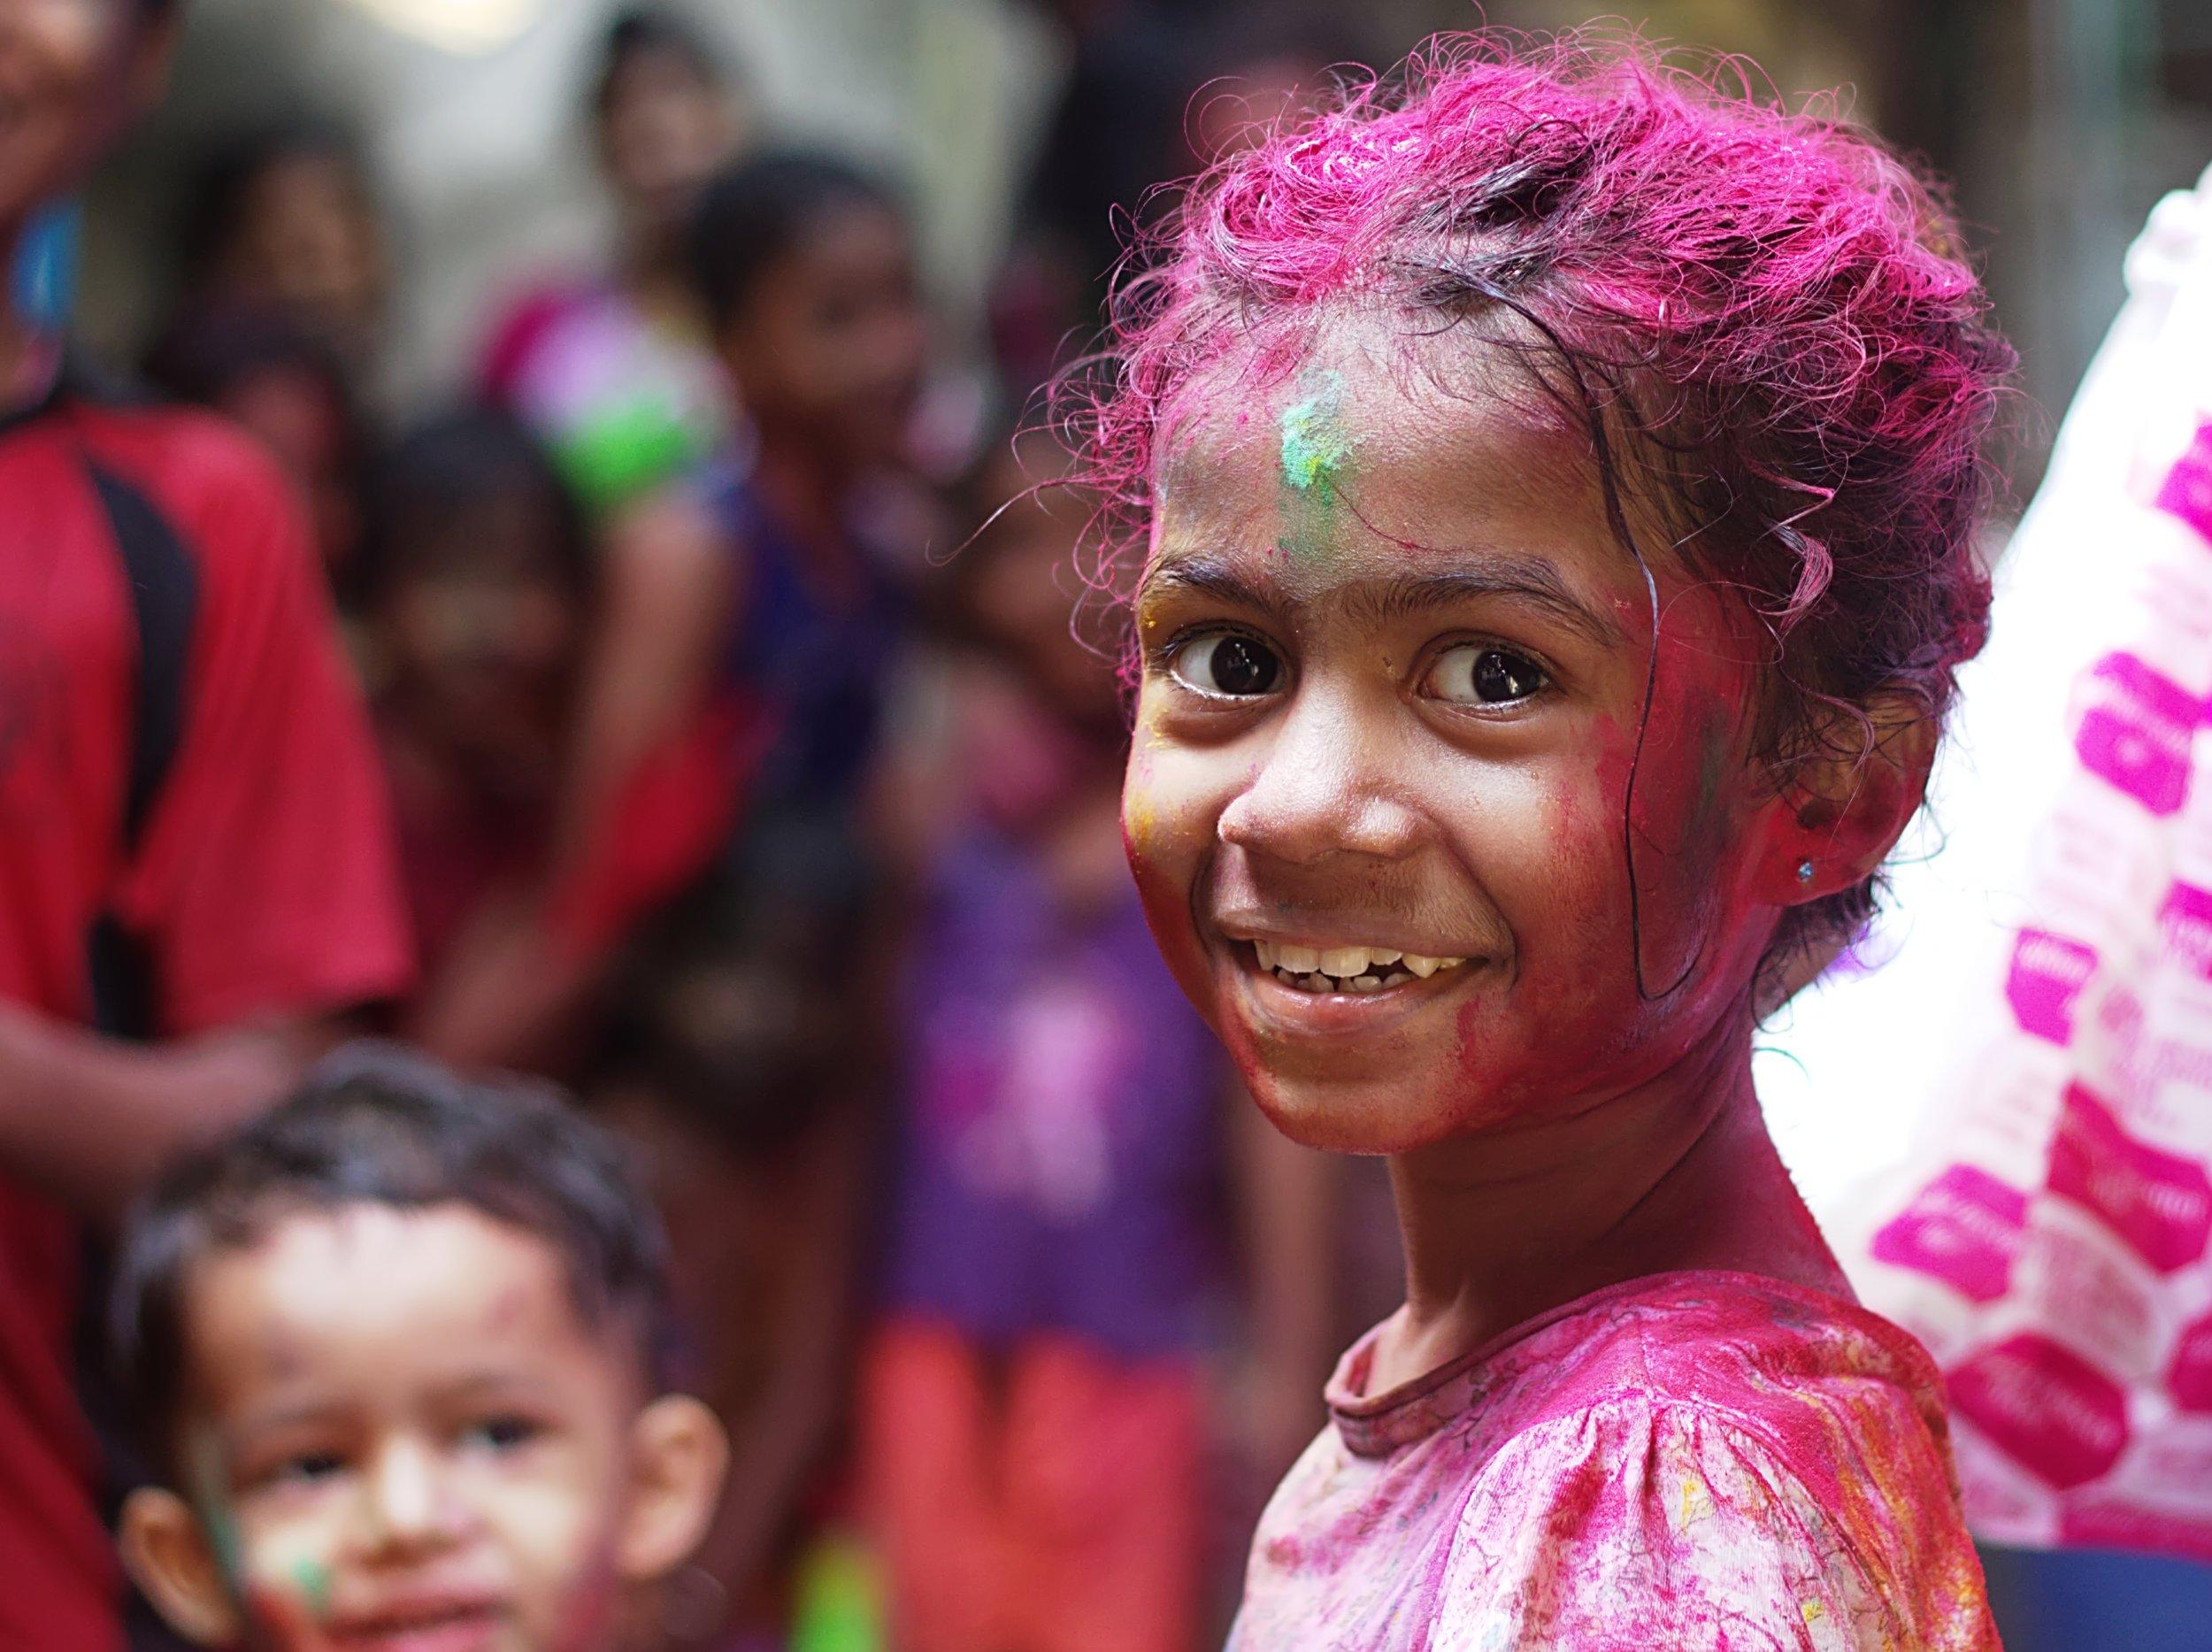 Caste Discrimination in Online Communities